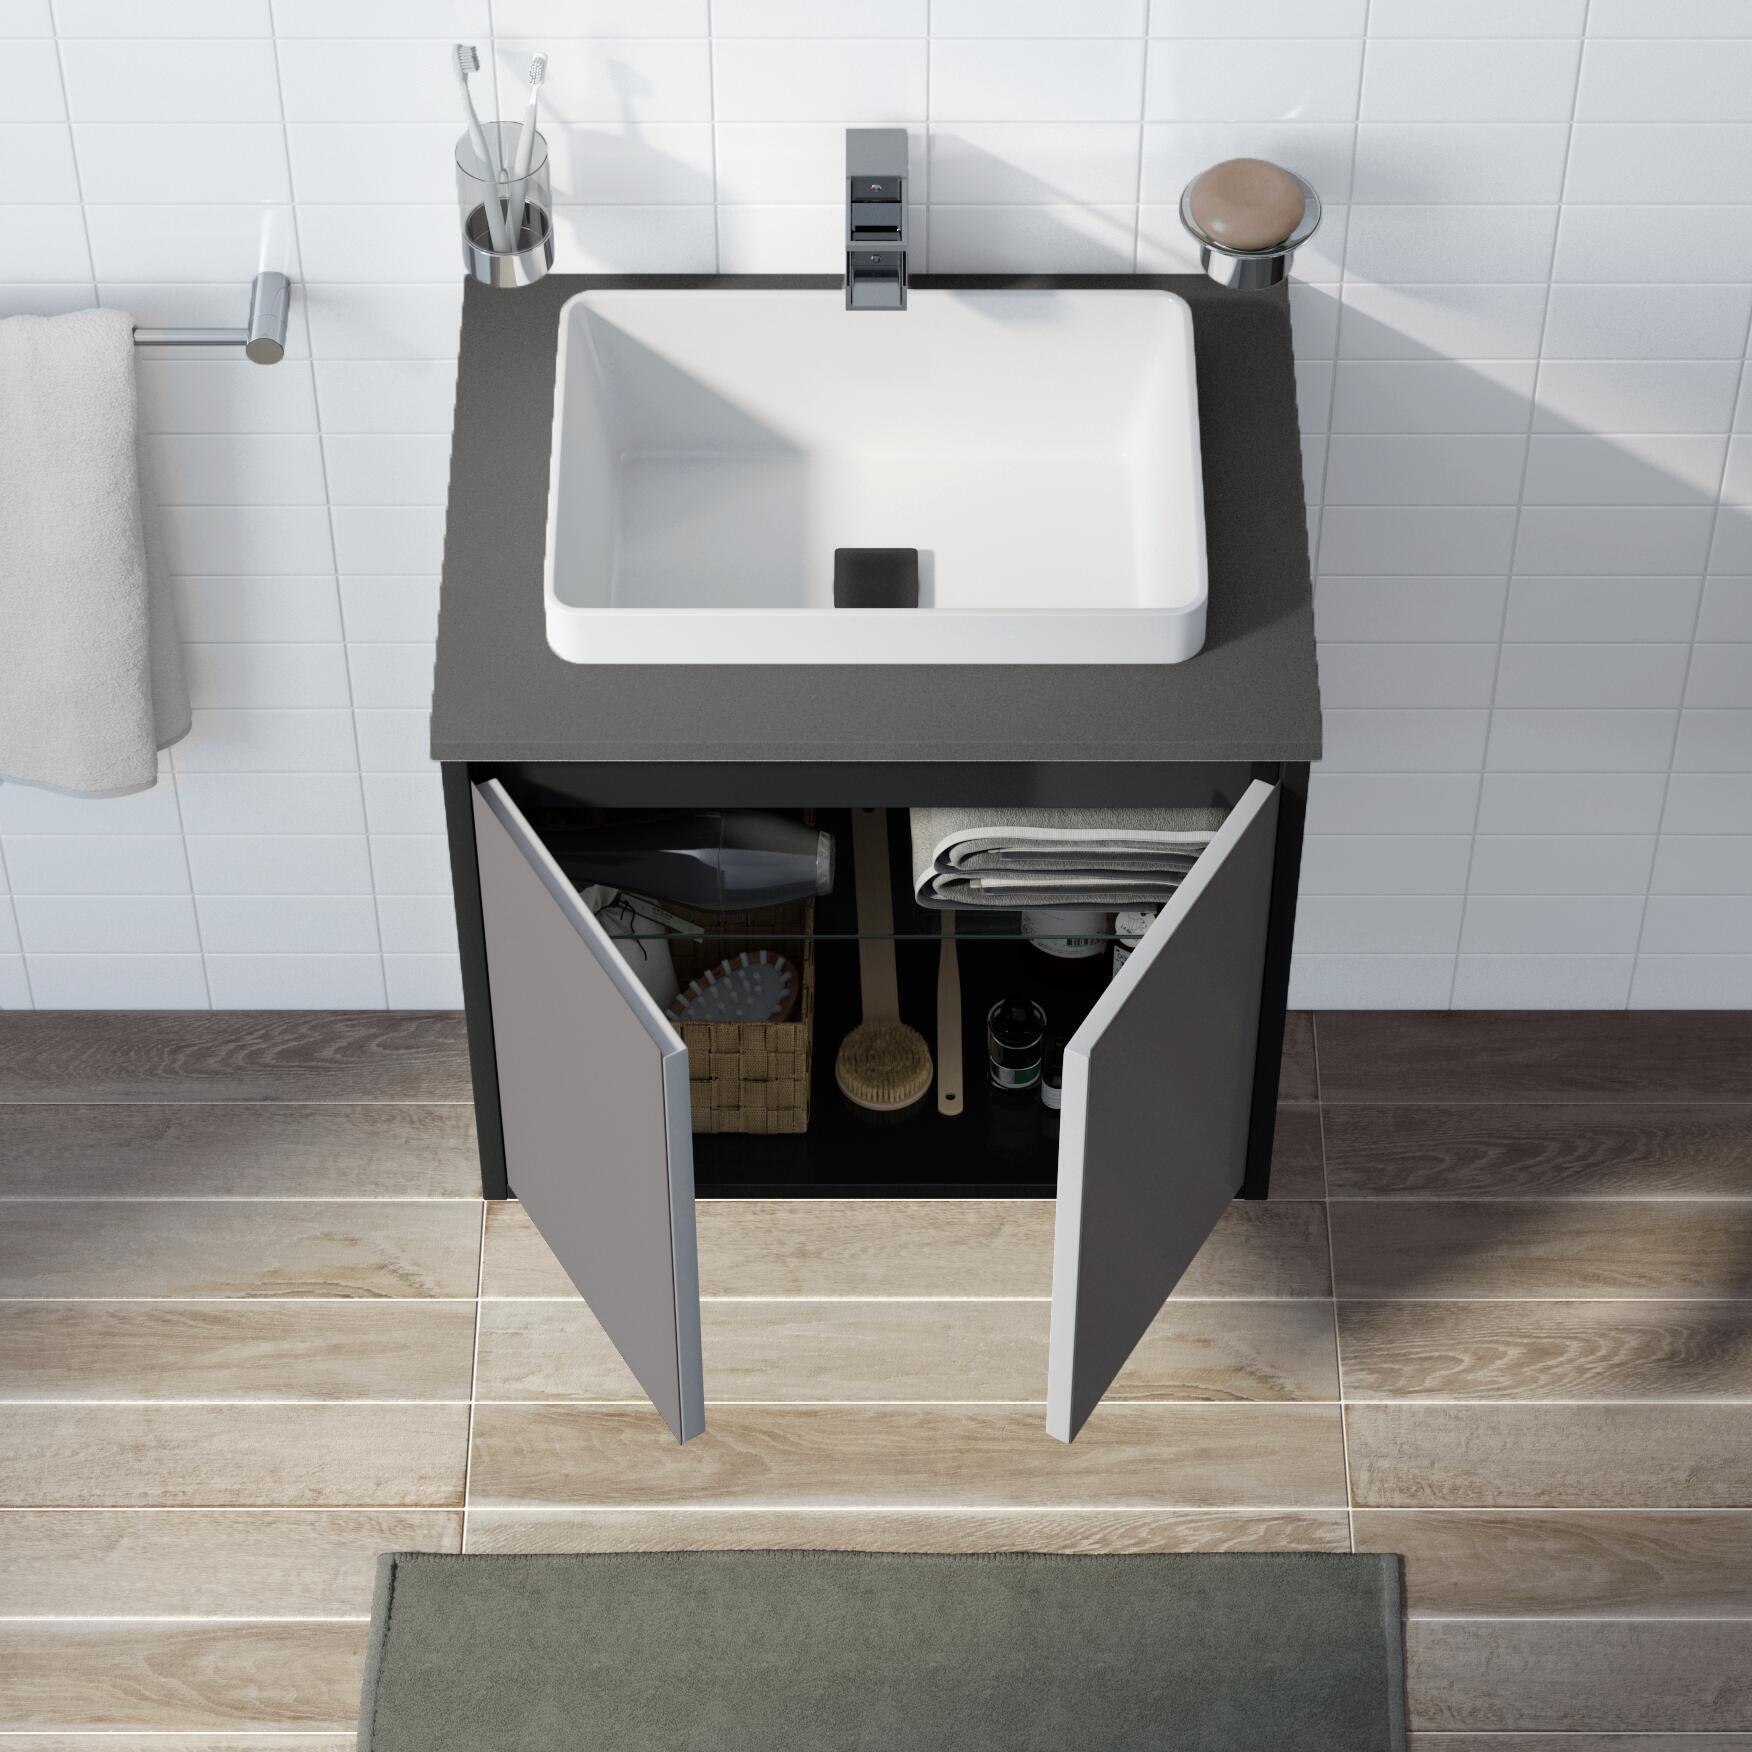 Mobile bagno Loto grigio L 60 cm - 2